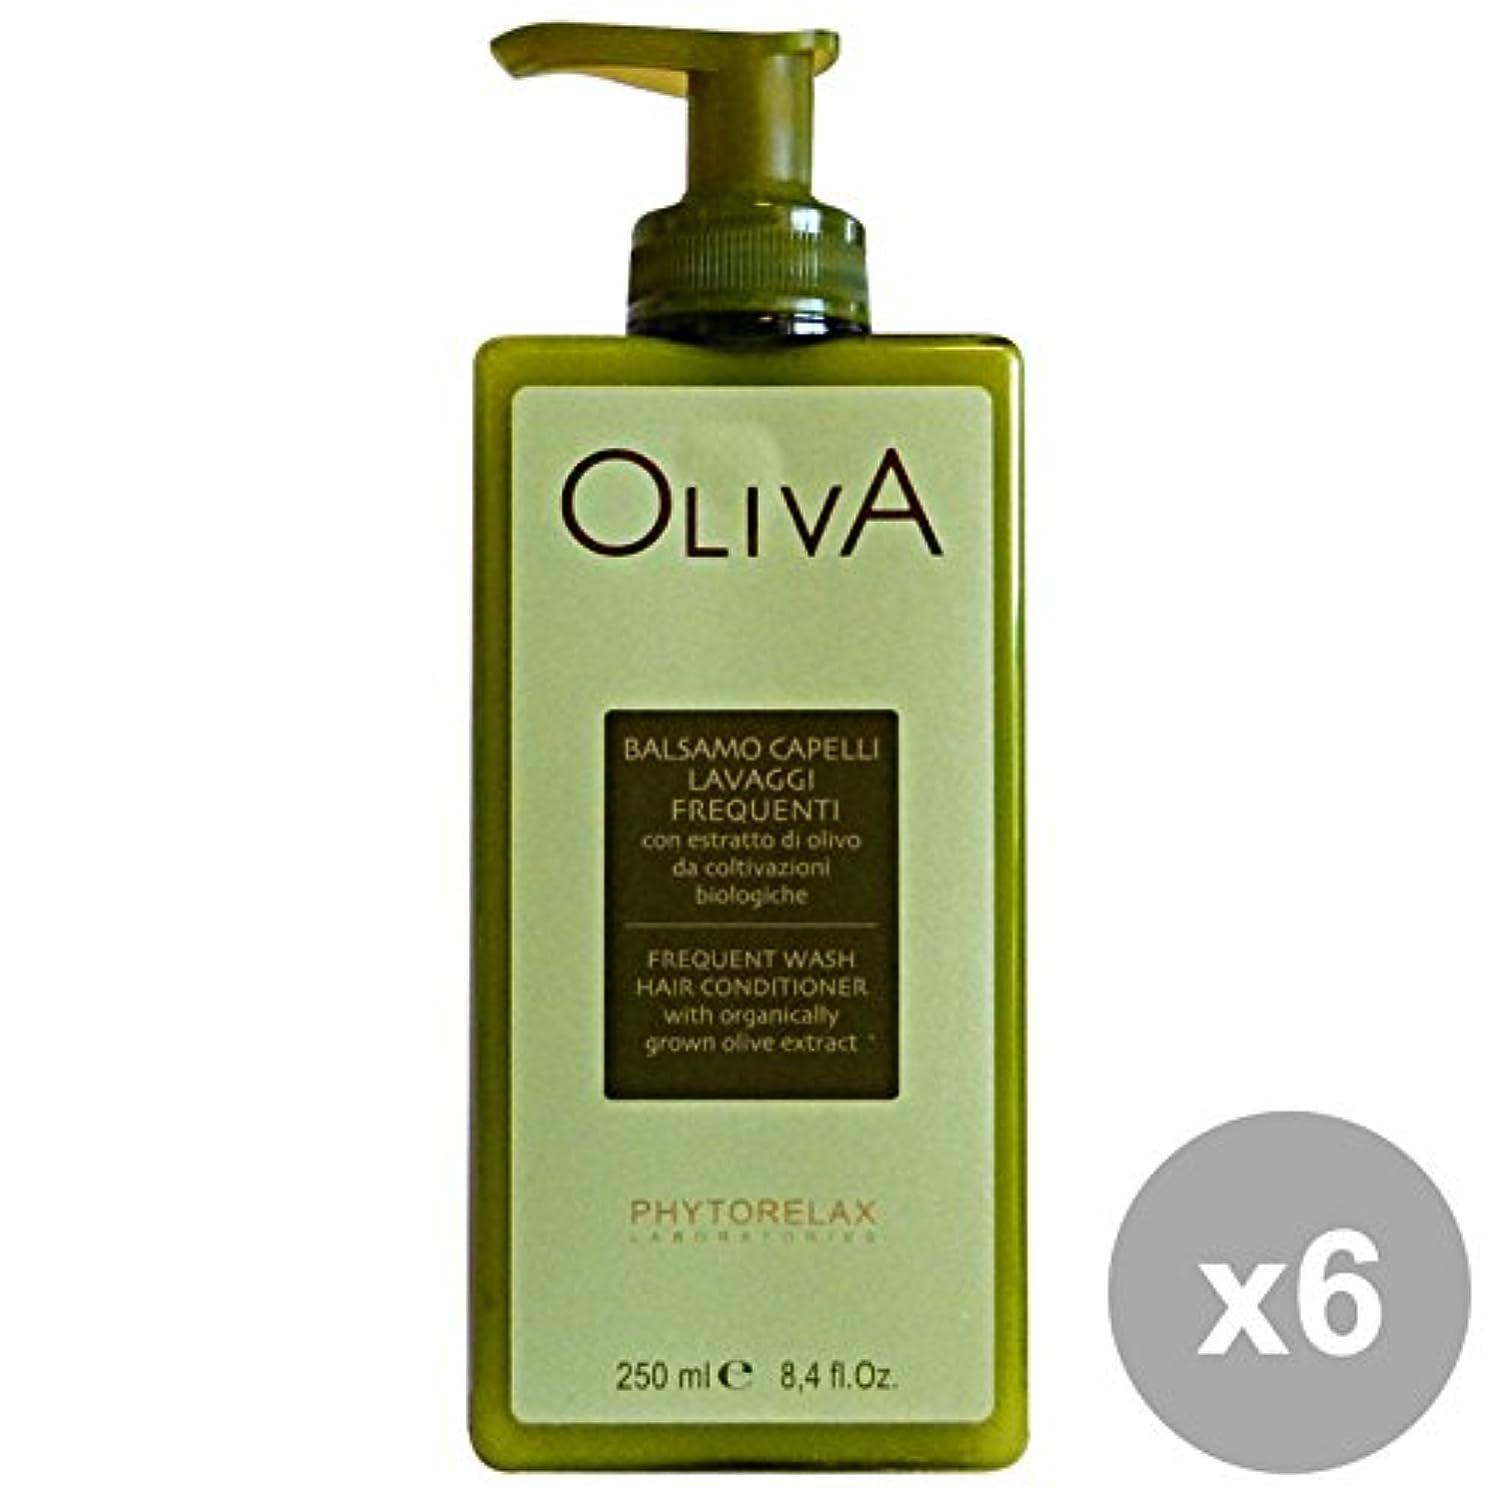 バイアス正確に徹底6ファイトレラックスオリーブバームウォッシュを洗う頻度250 ML。髪のための製品